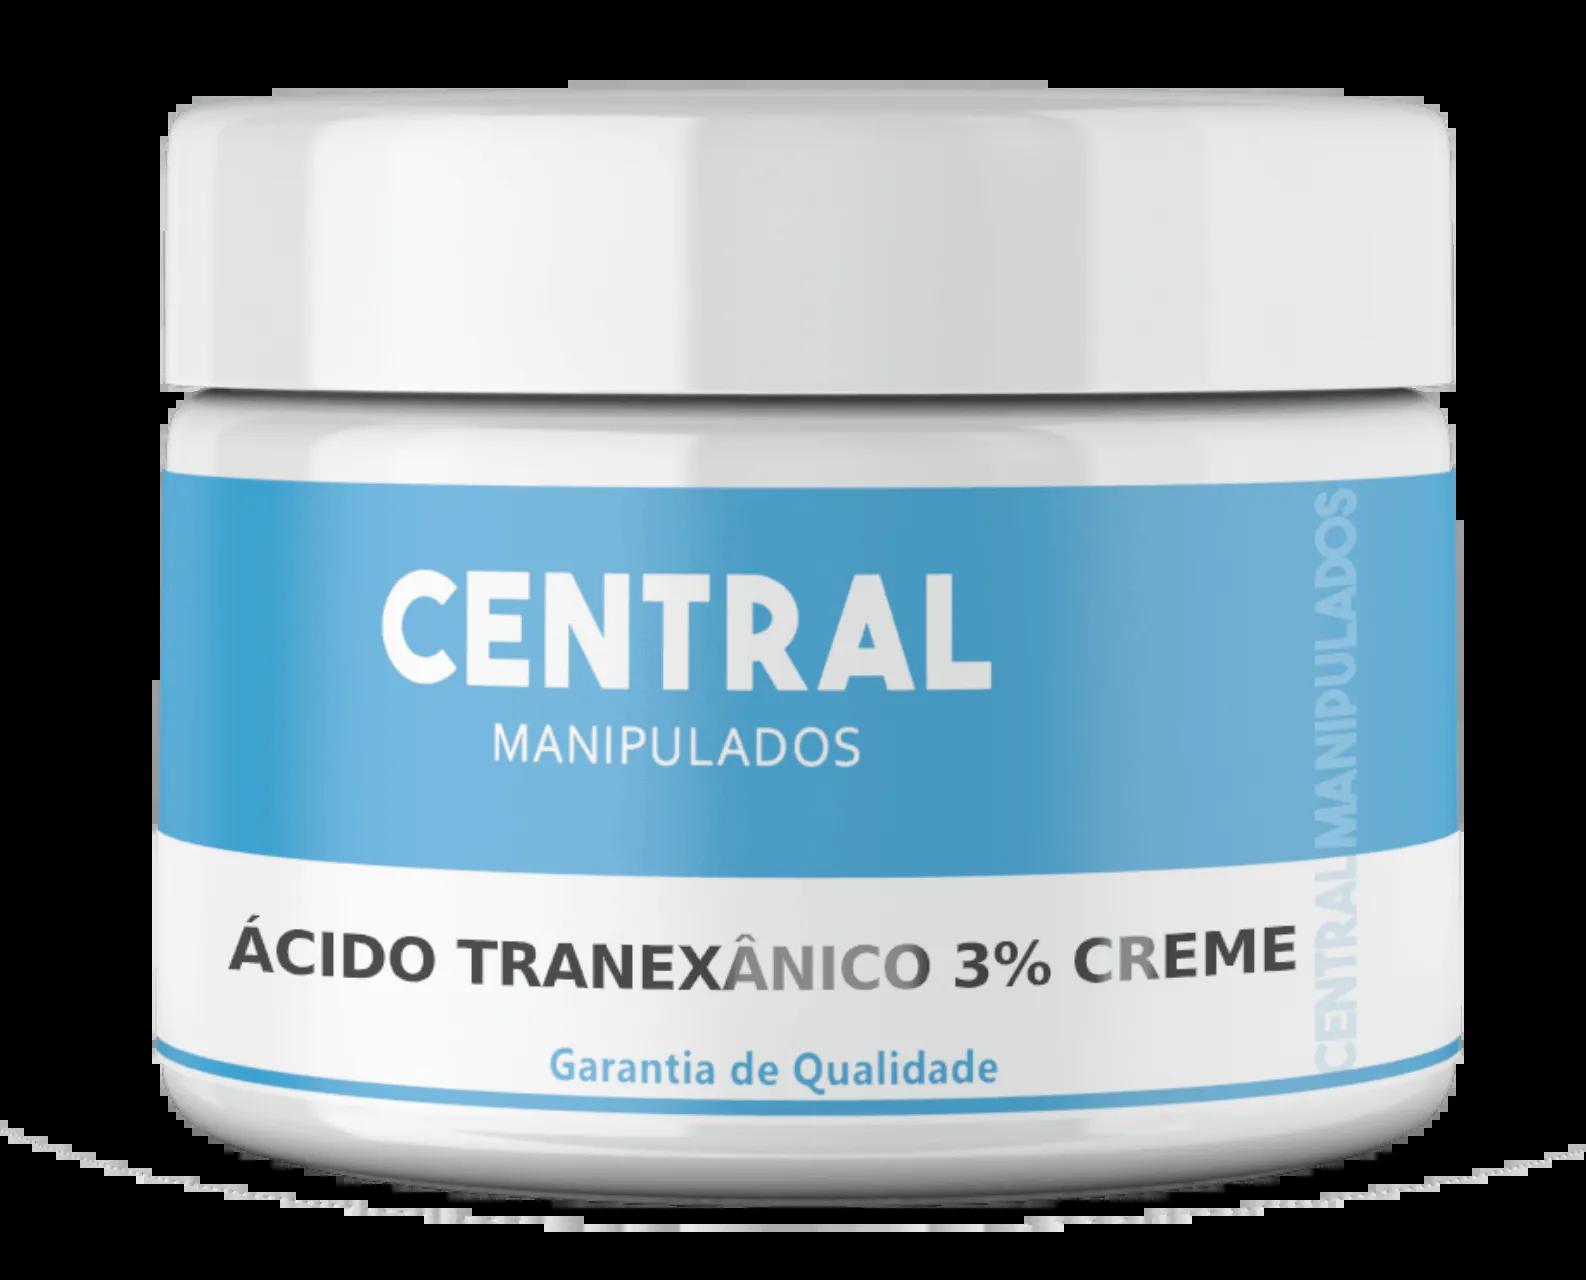 Ácido Tranexânico 3% - 100g Creme - Tratamento de melasmas (manchas na pele)